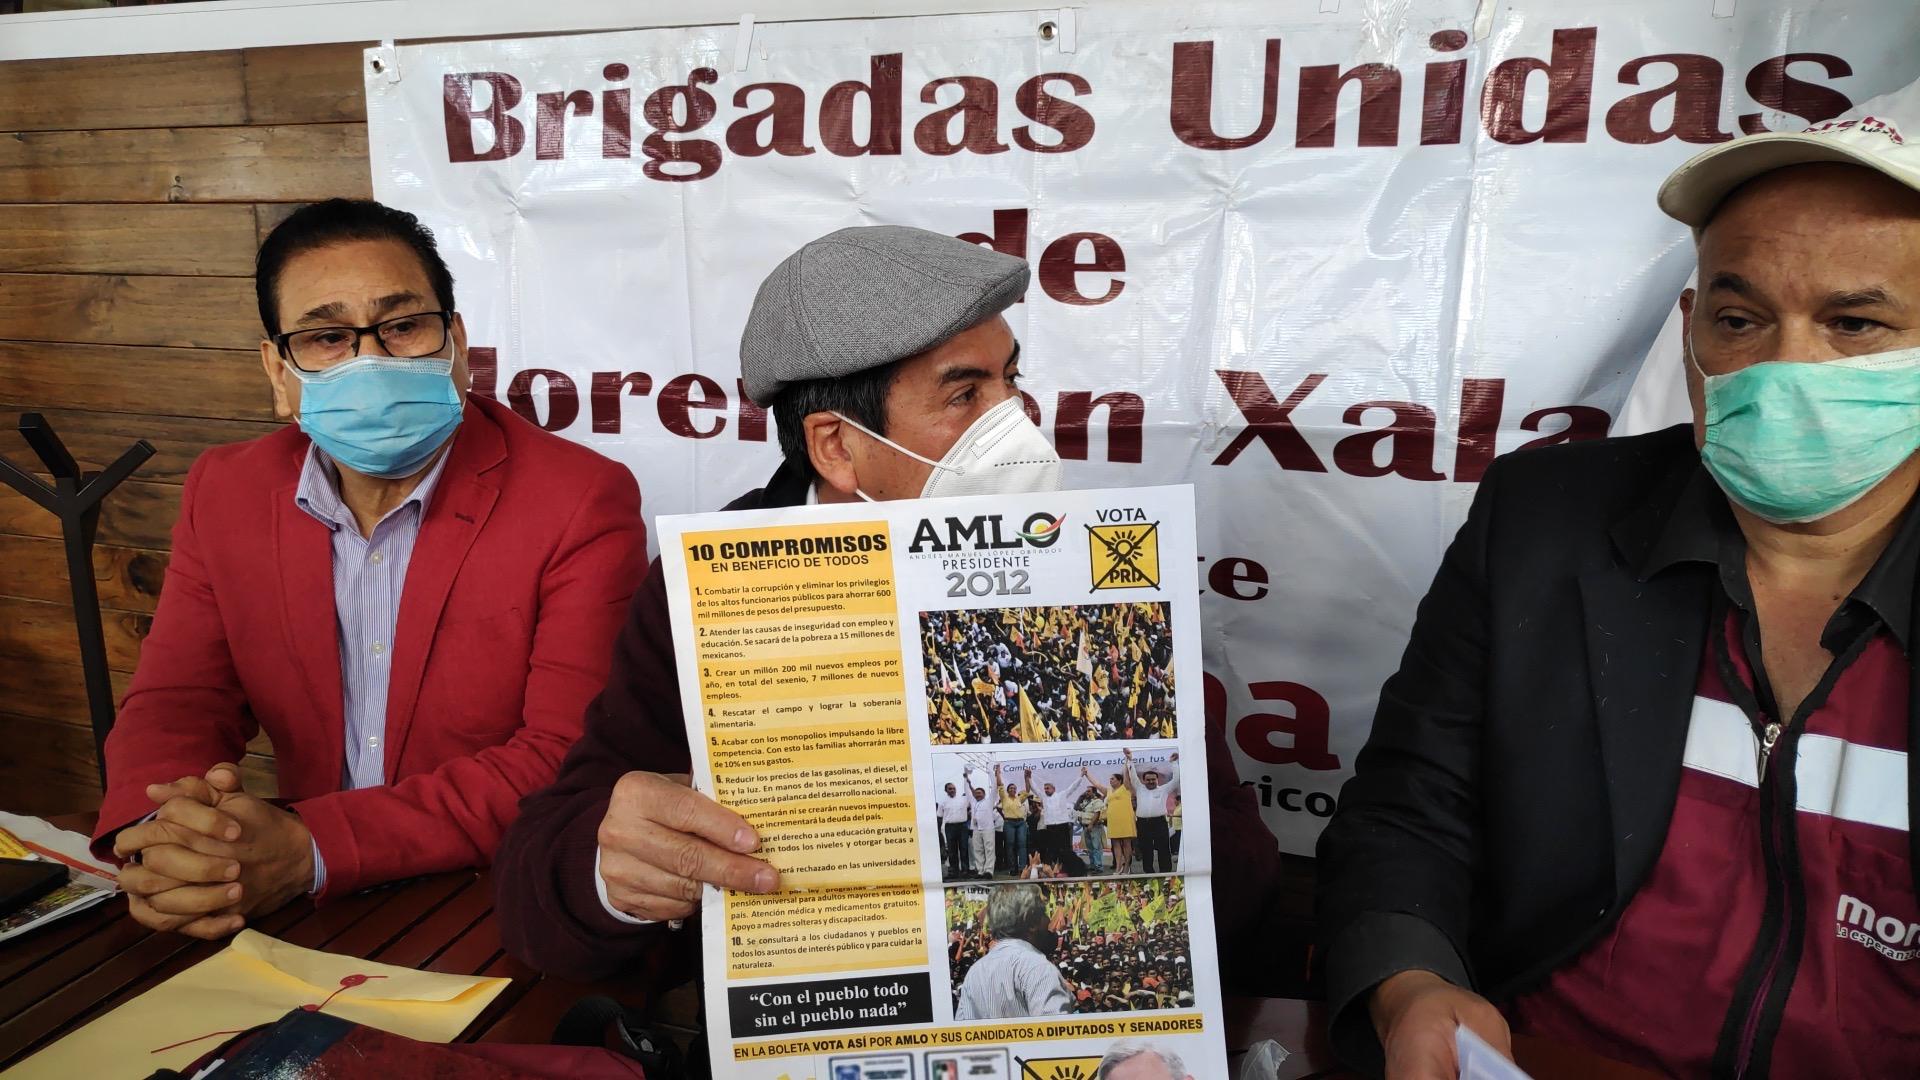 Tres militantes afirman que Ahued no está afiliado y no cumple con los requisitos